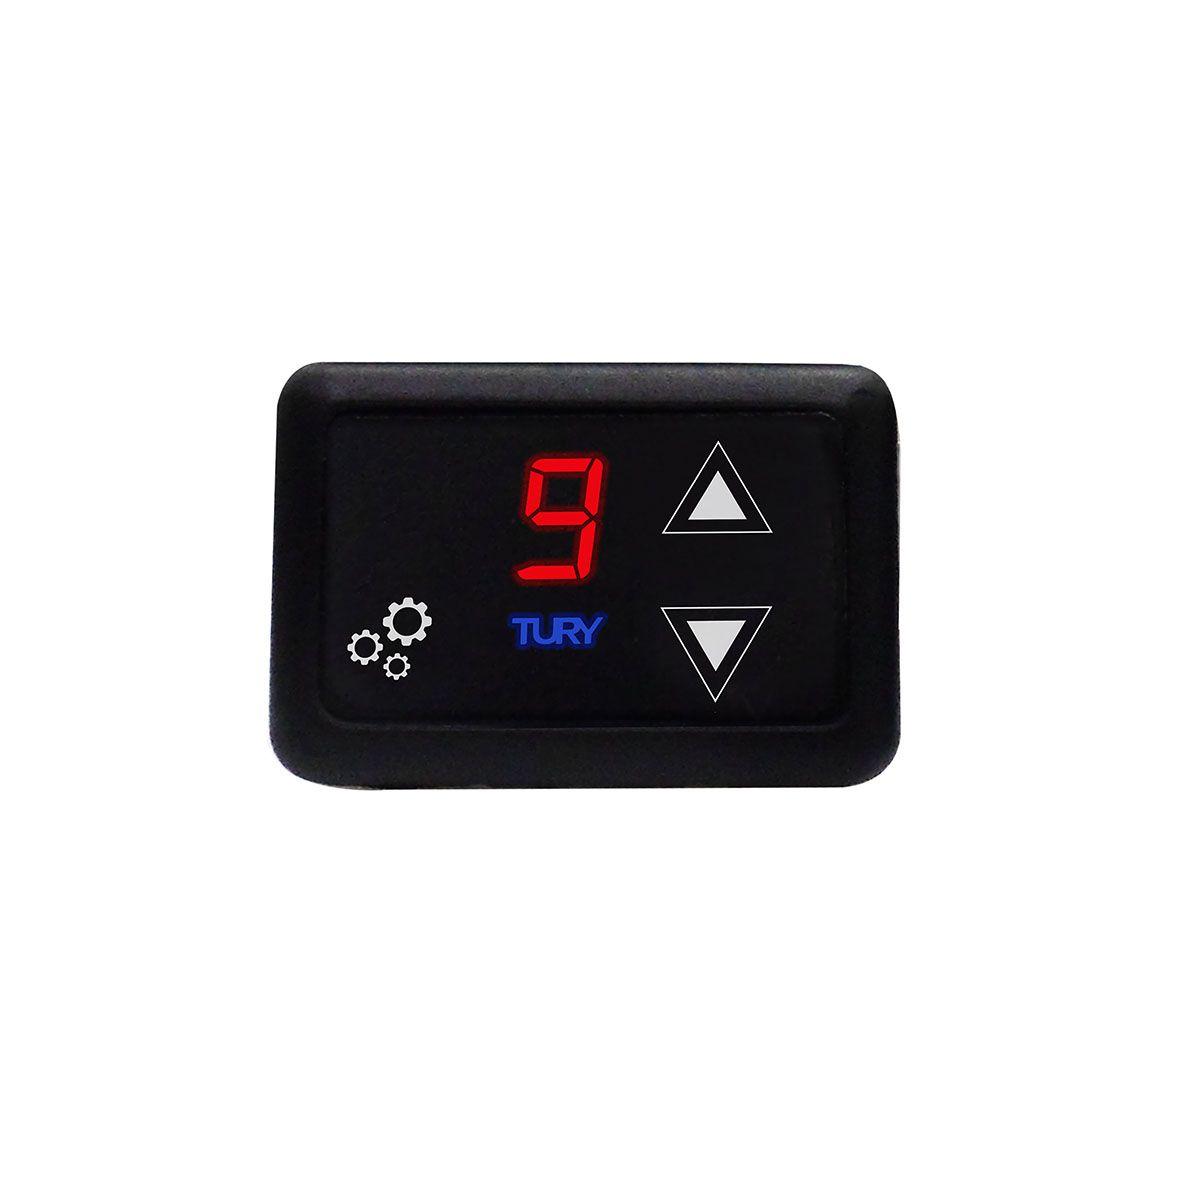 Chip Acelerador Eletrônico com Bluetooth Pedal Delay Tury Fast FAST2.0D